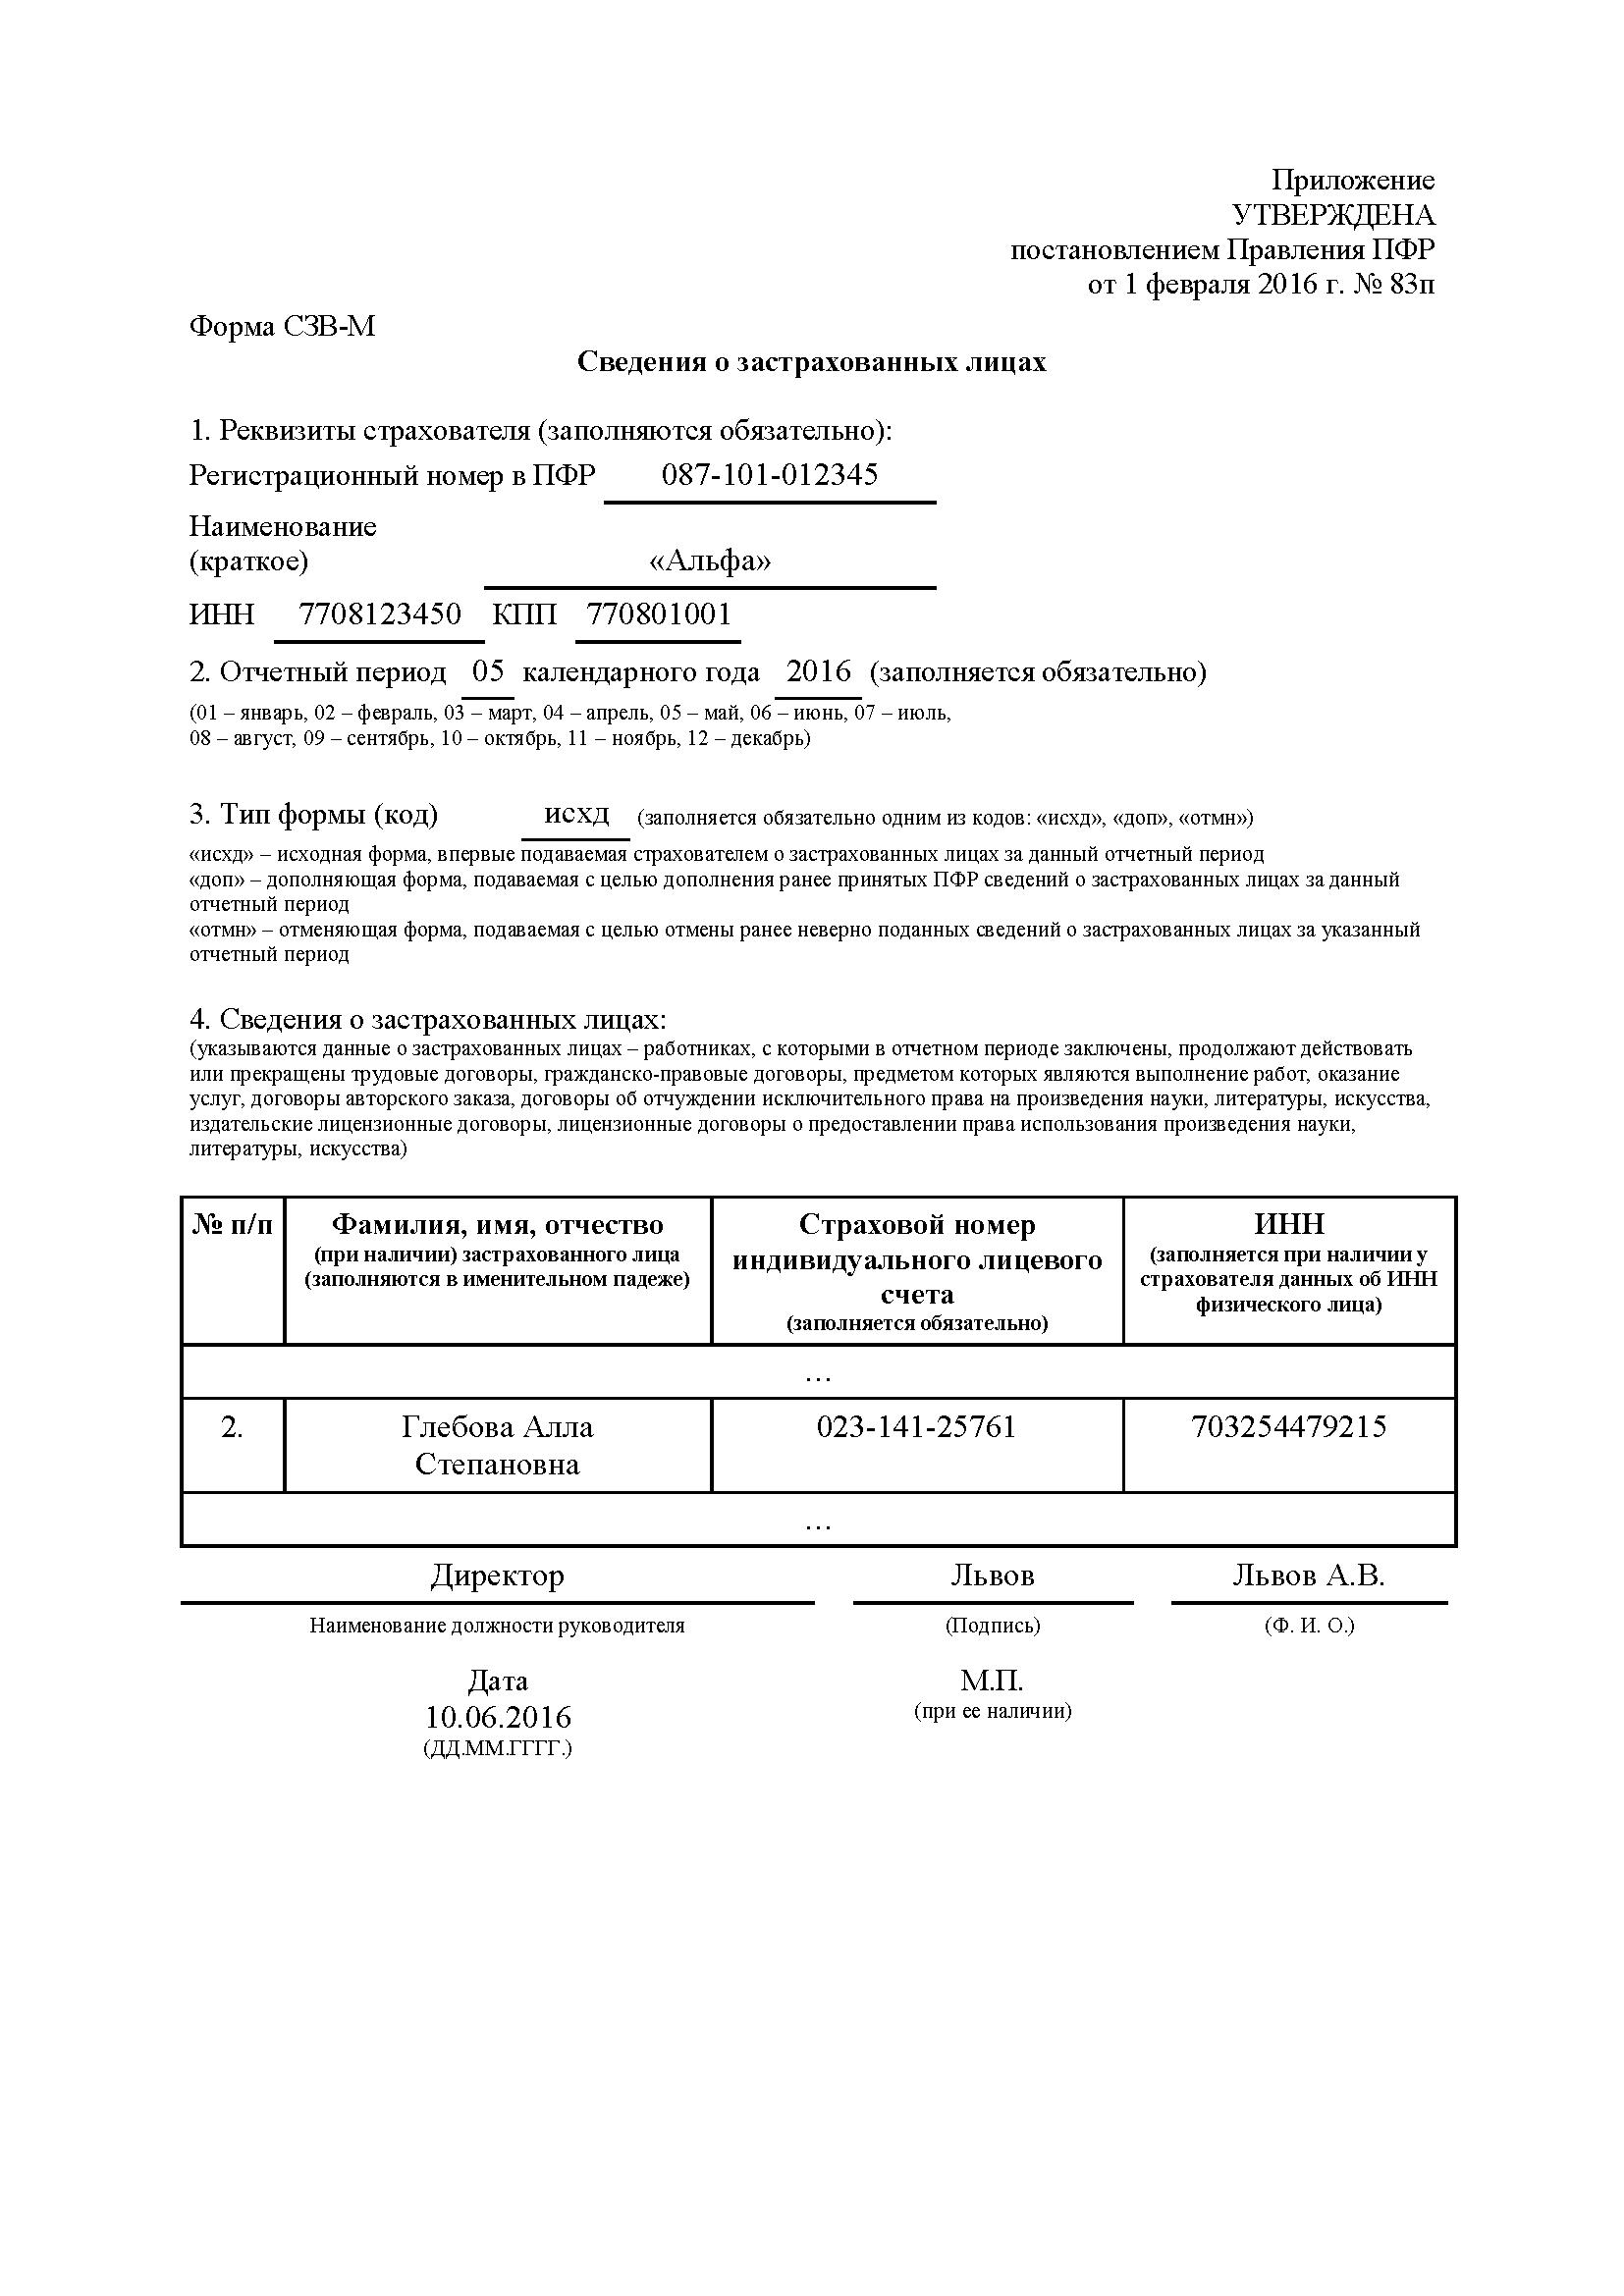 бланк на заполнения письма на подтверждения стажа